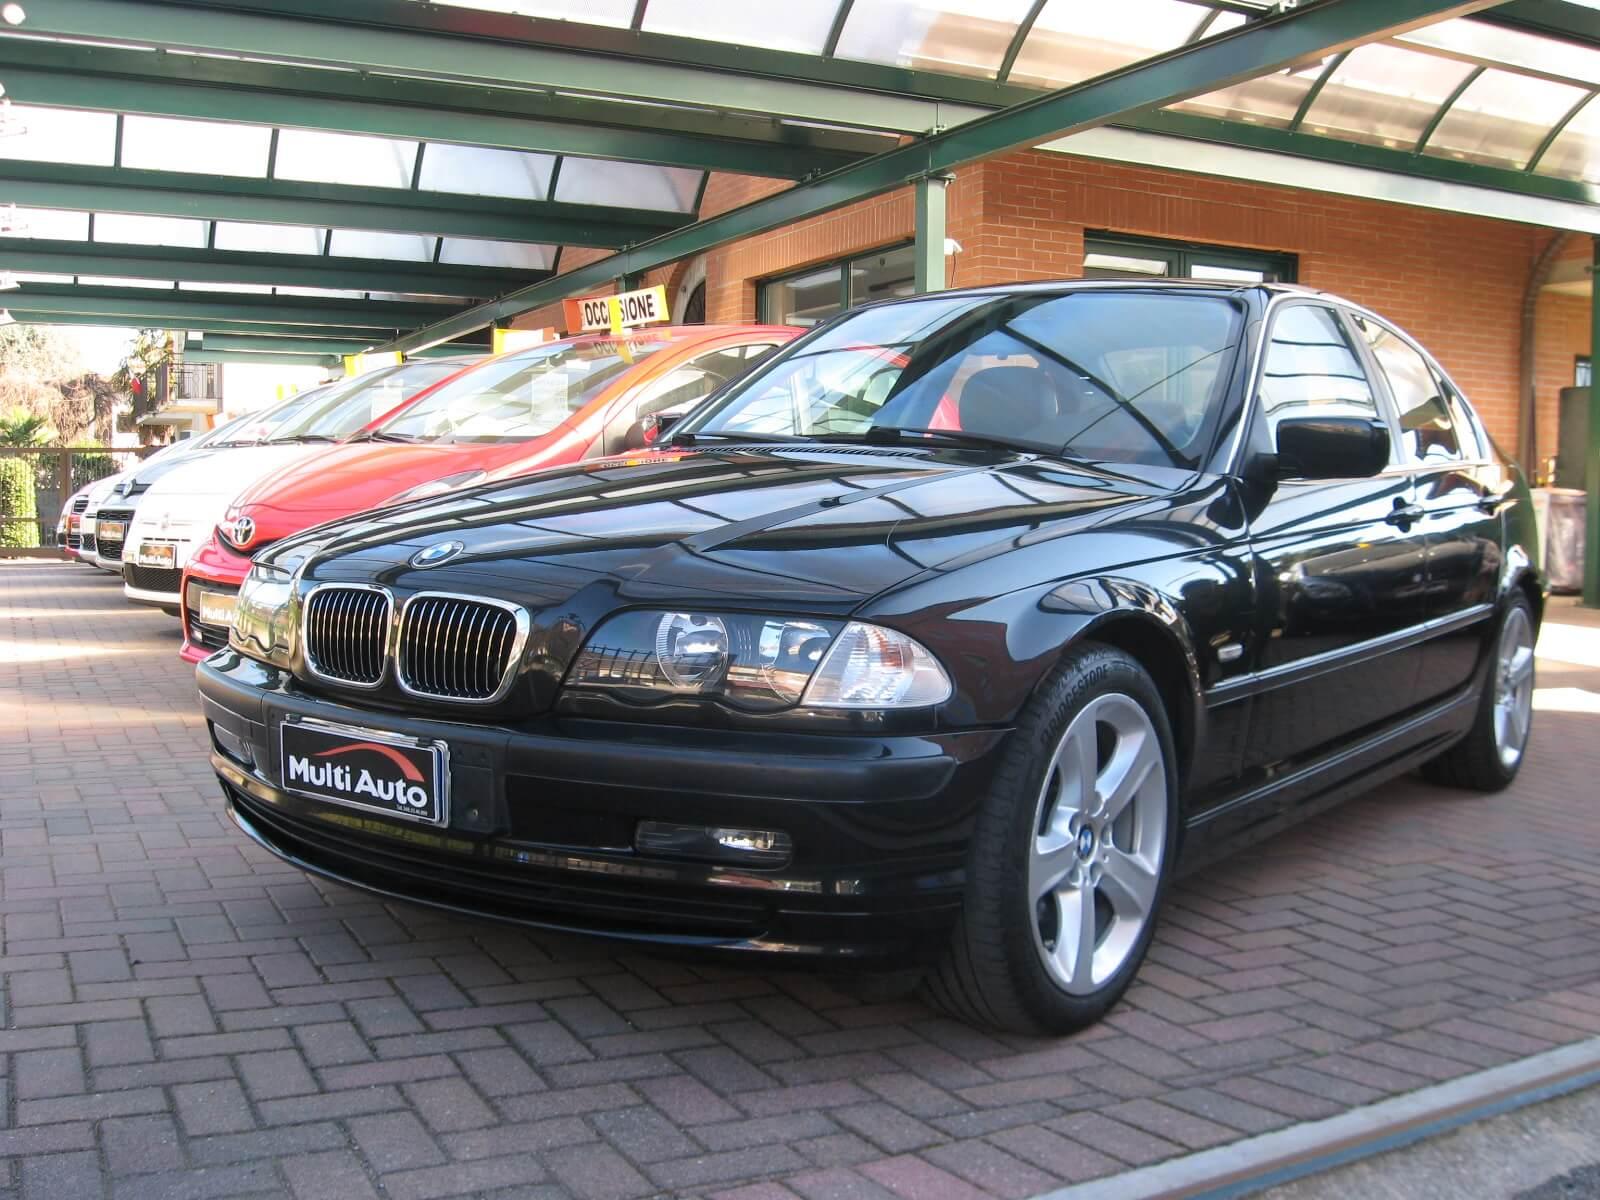 BMW 320i Serie 3 (E46) cat 4 porte Attiva